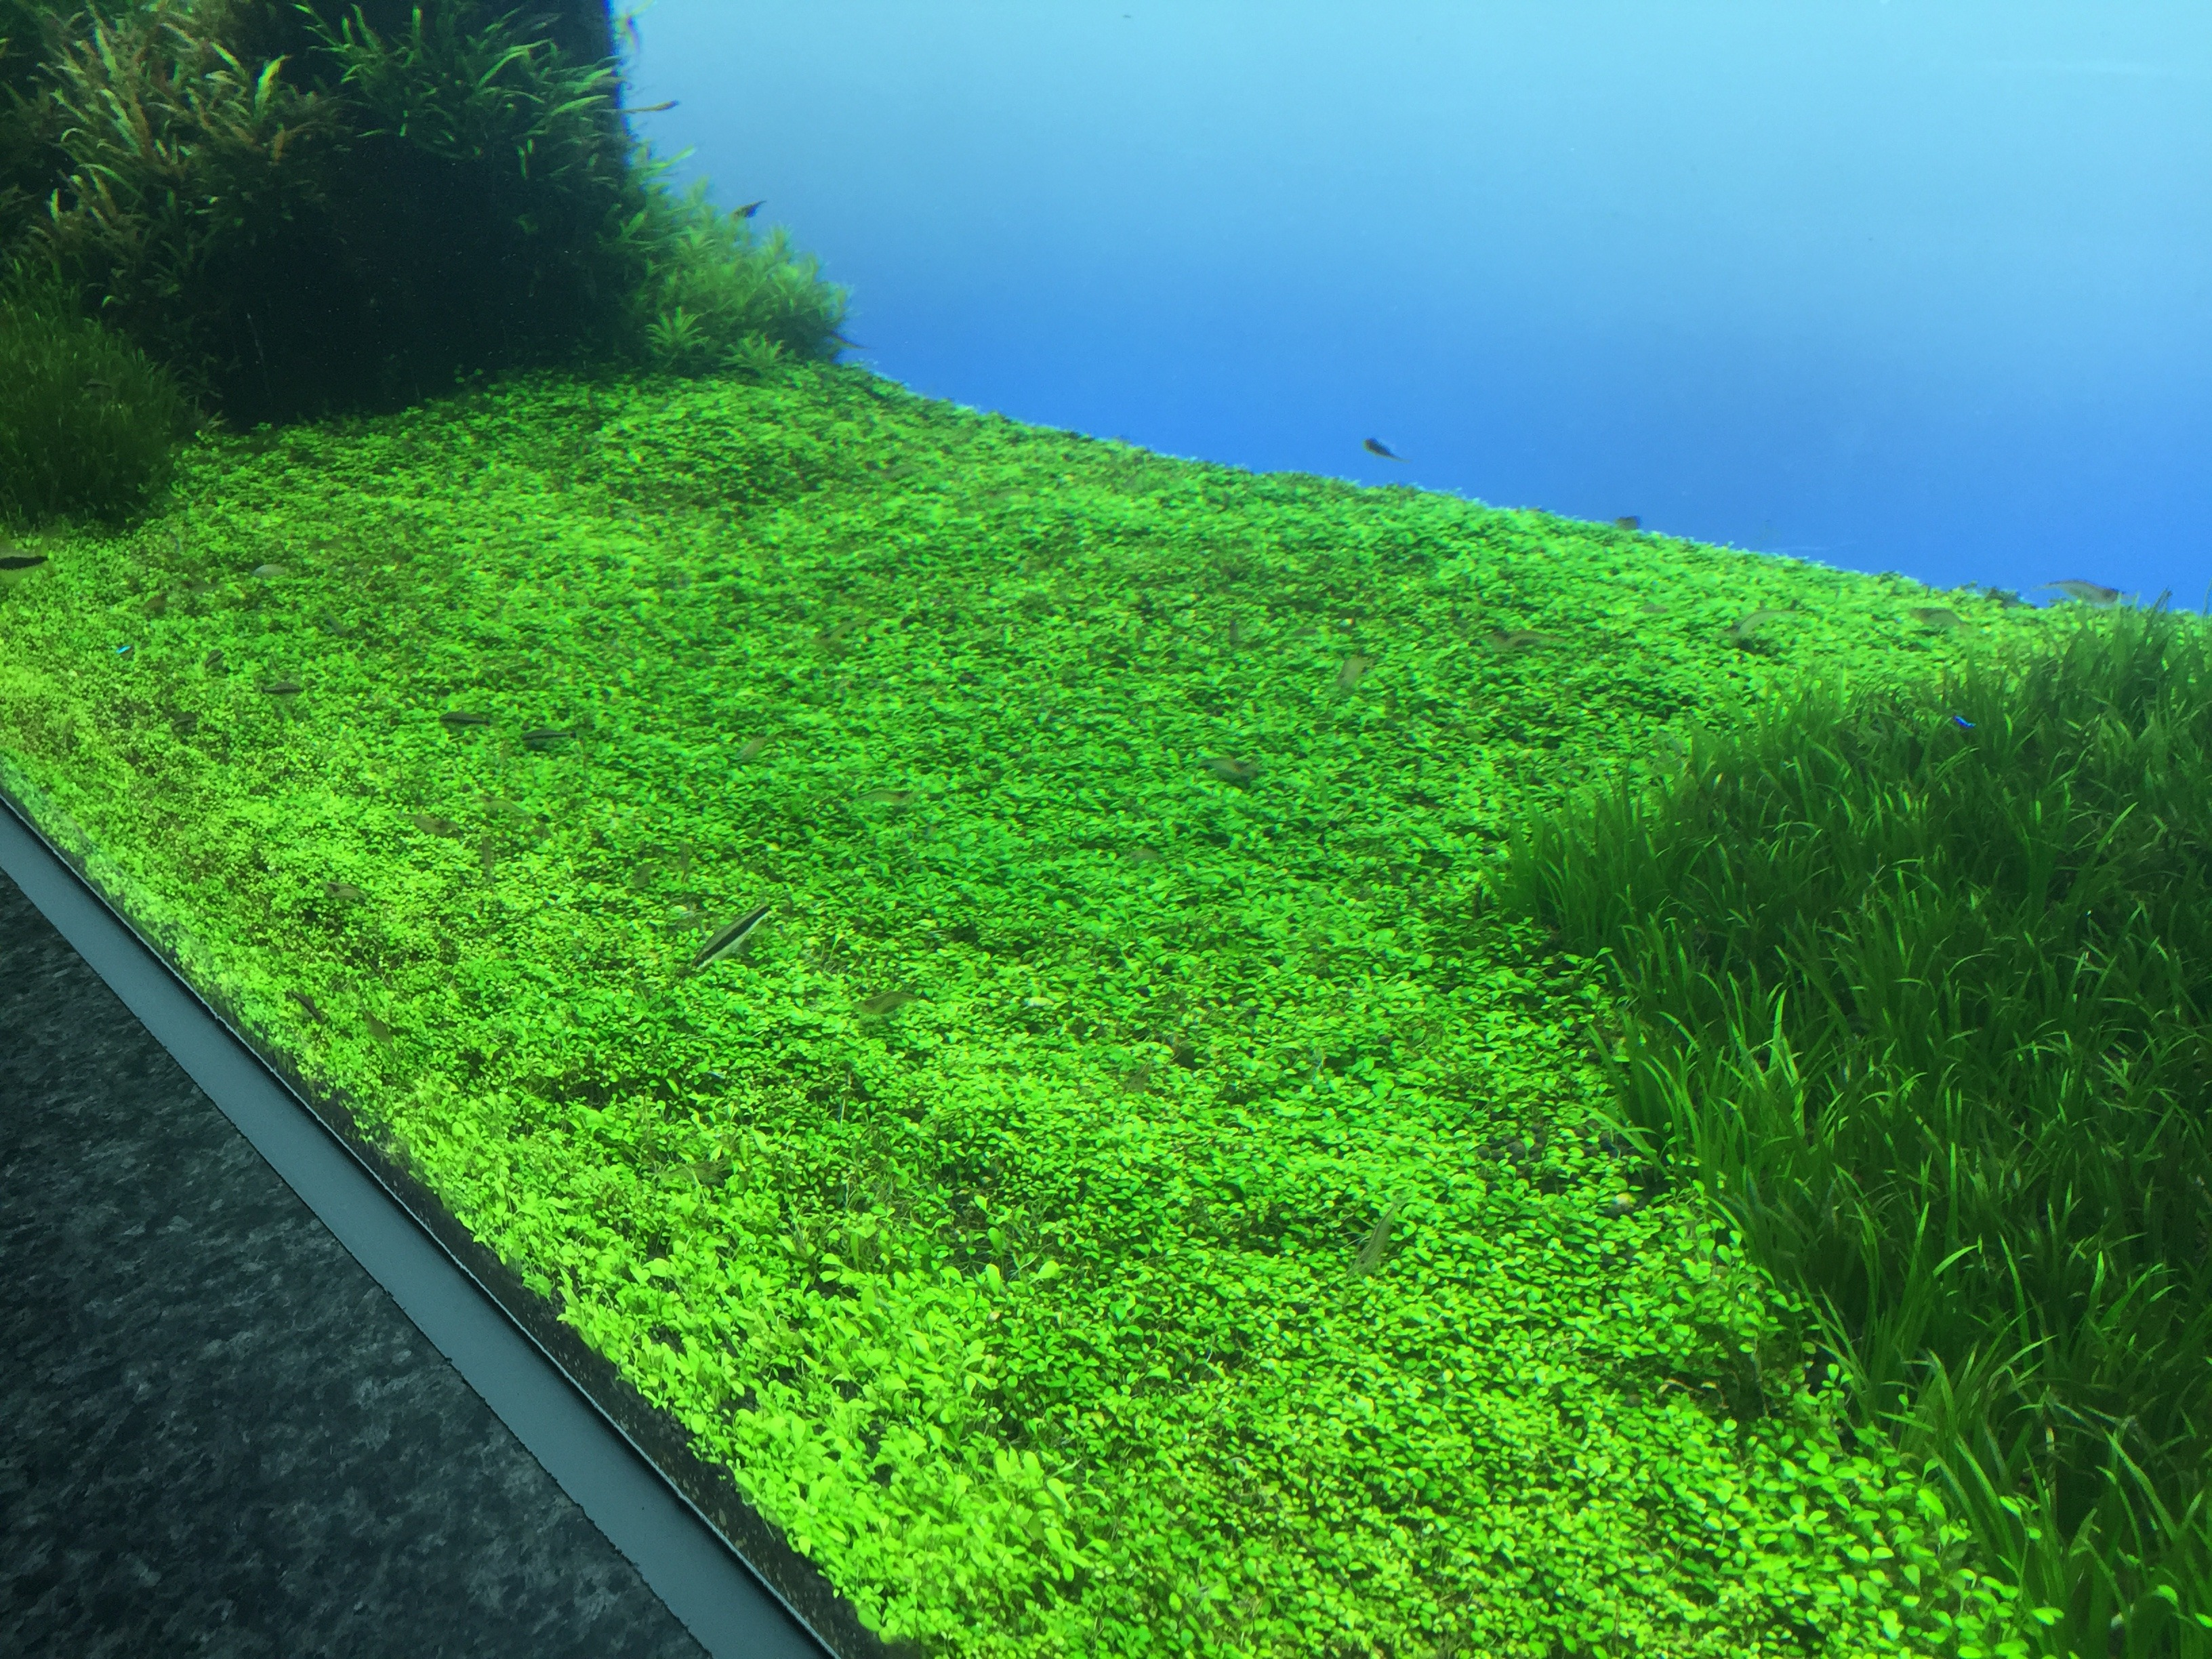 Grass matta